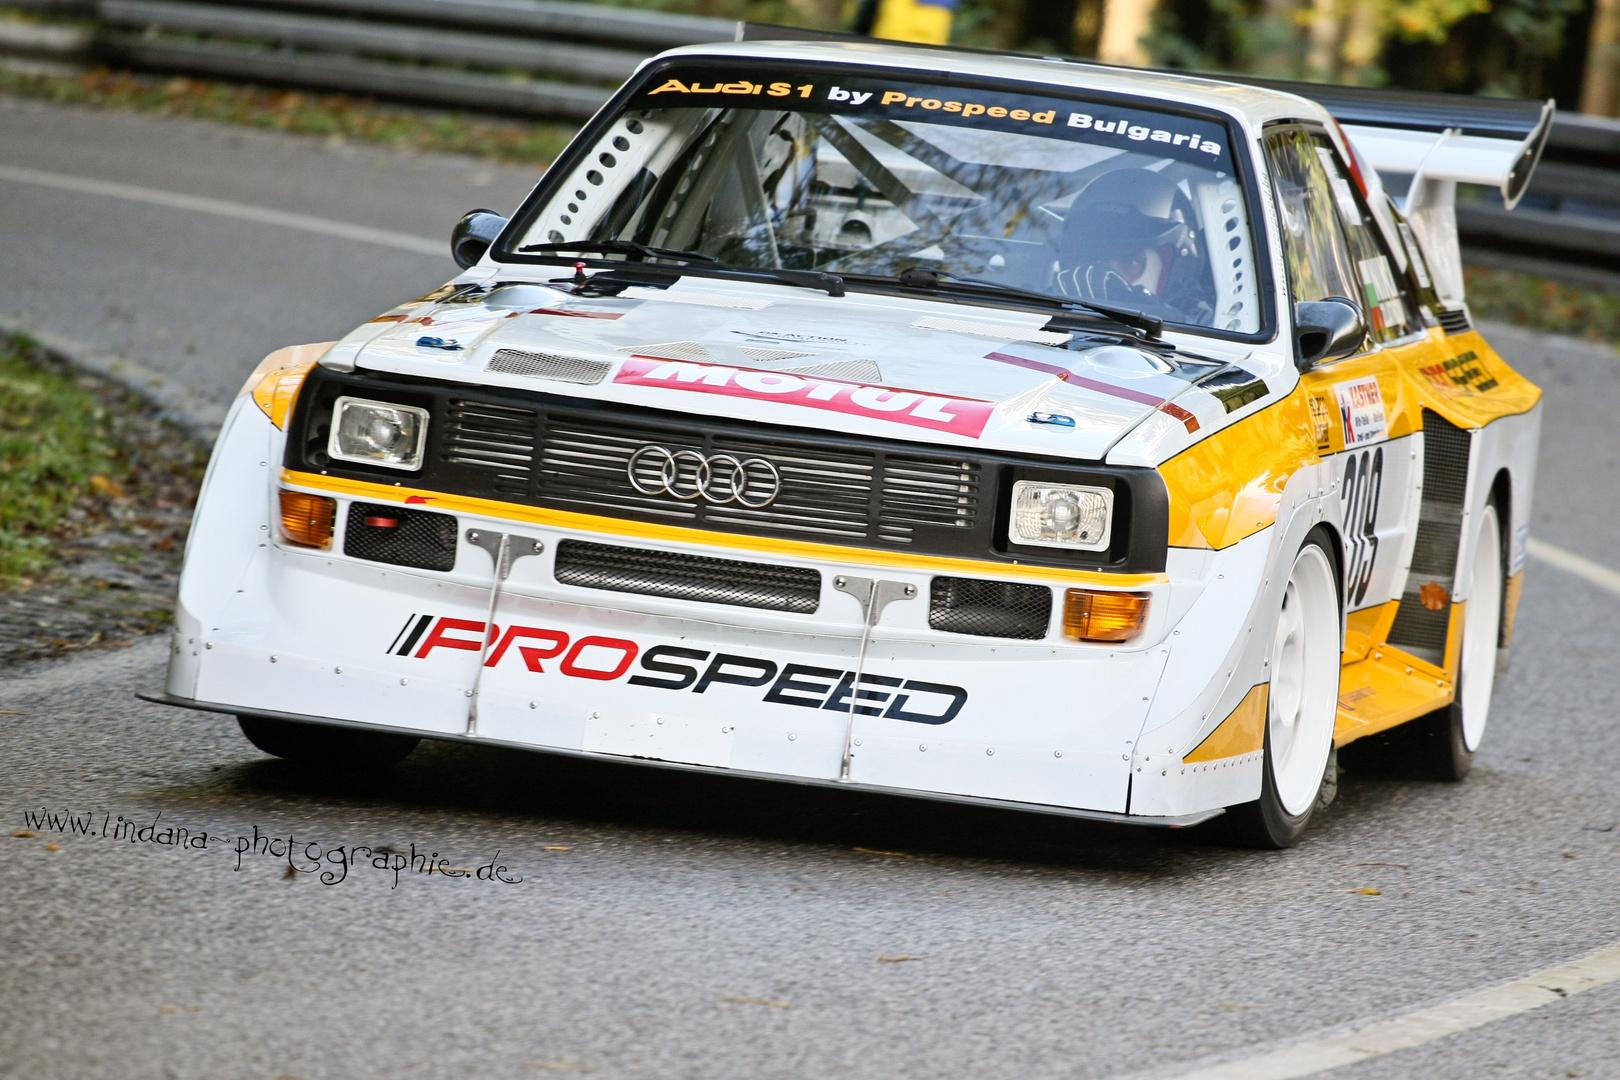 Mickhausen 2012 Prospeed Audi S1